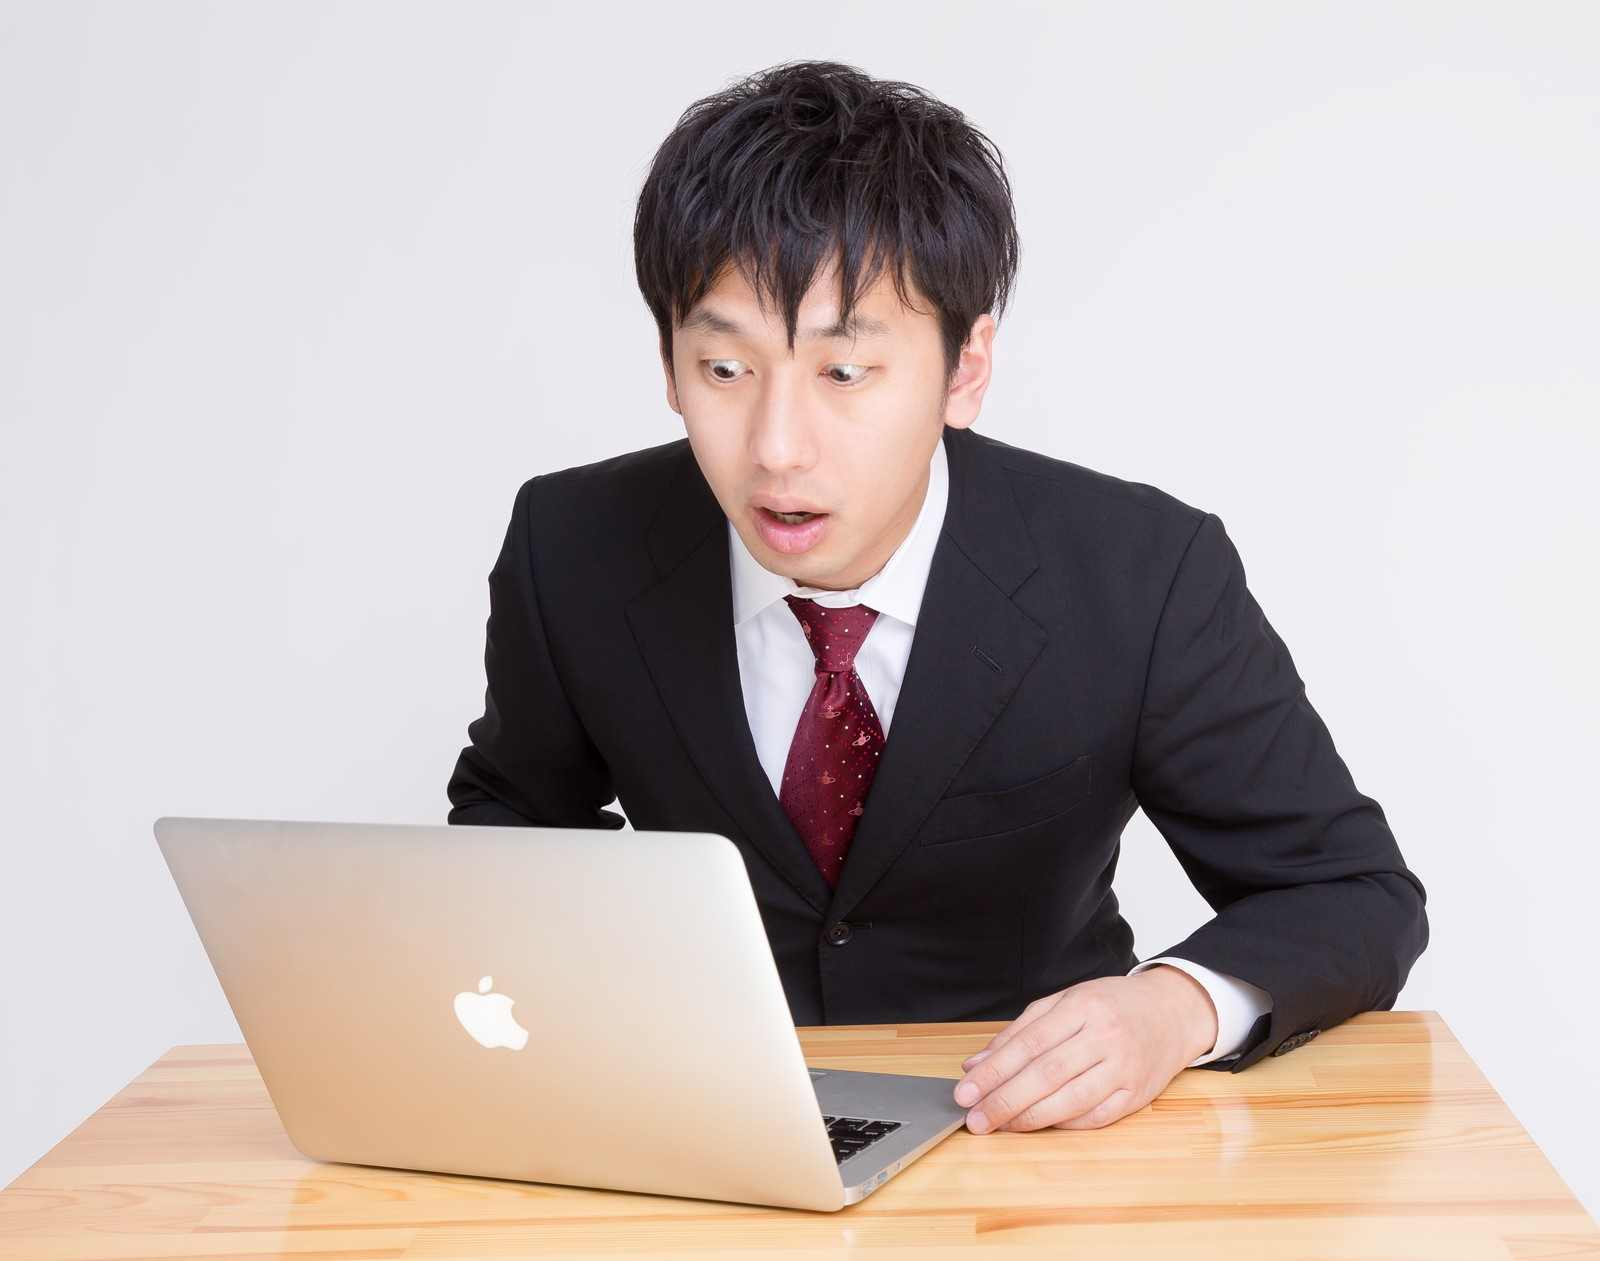 PCを見て「ヤバいことになった」っと驚く表情のビジネスマン|無料の ...